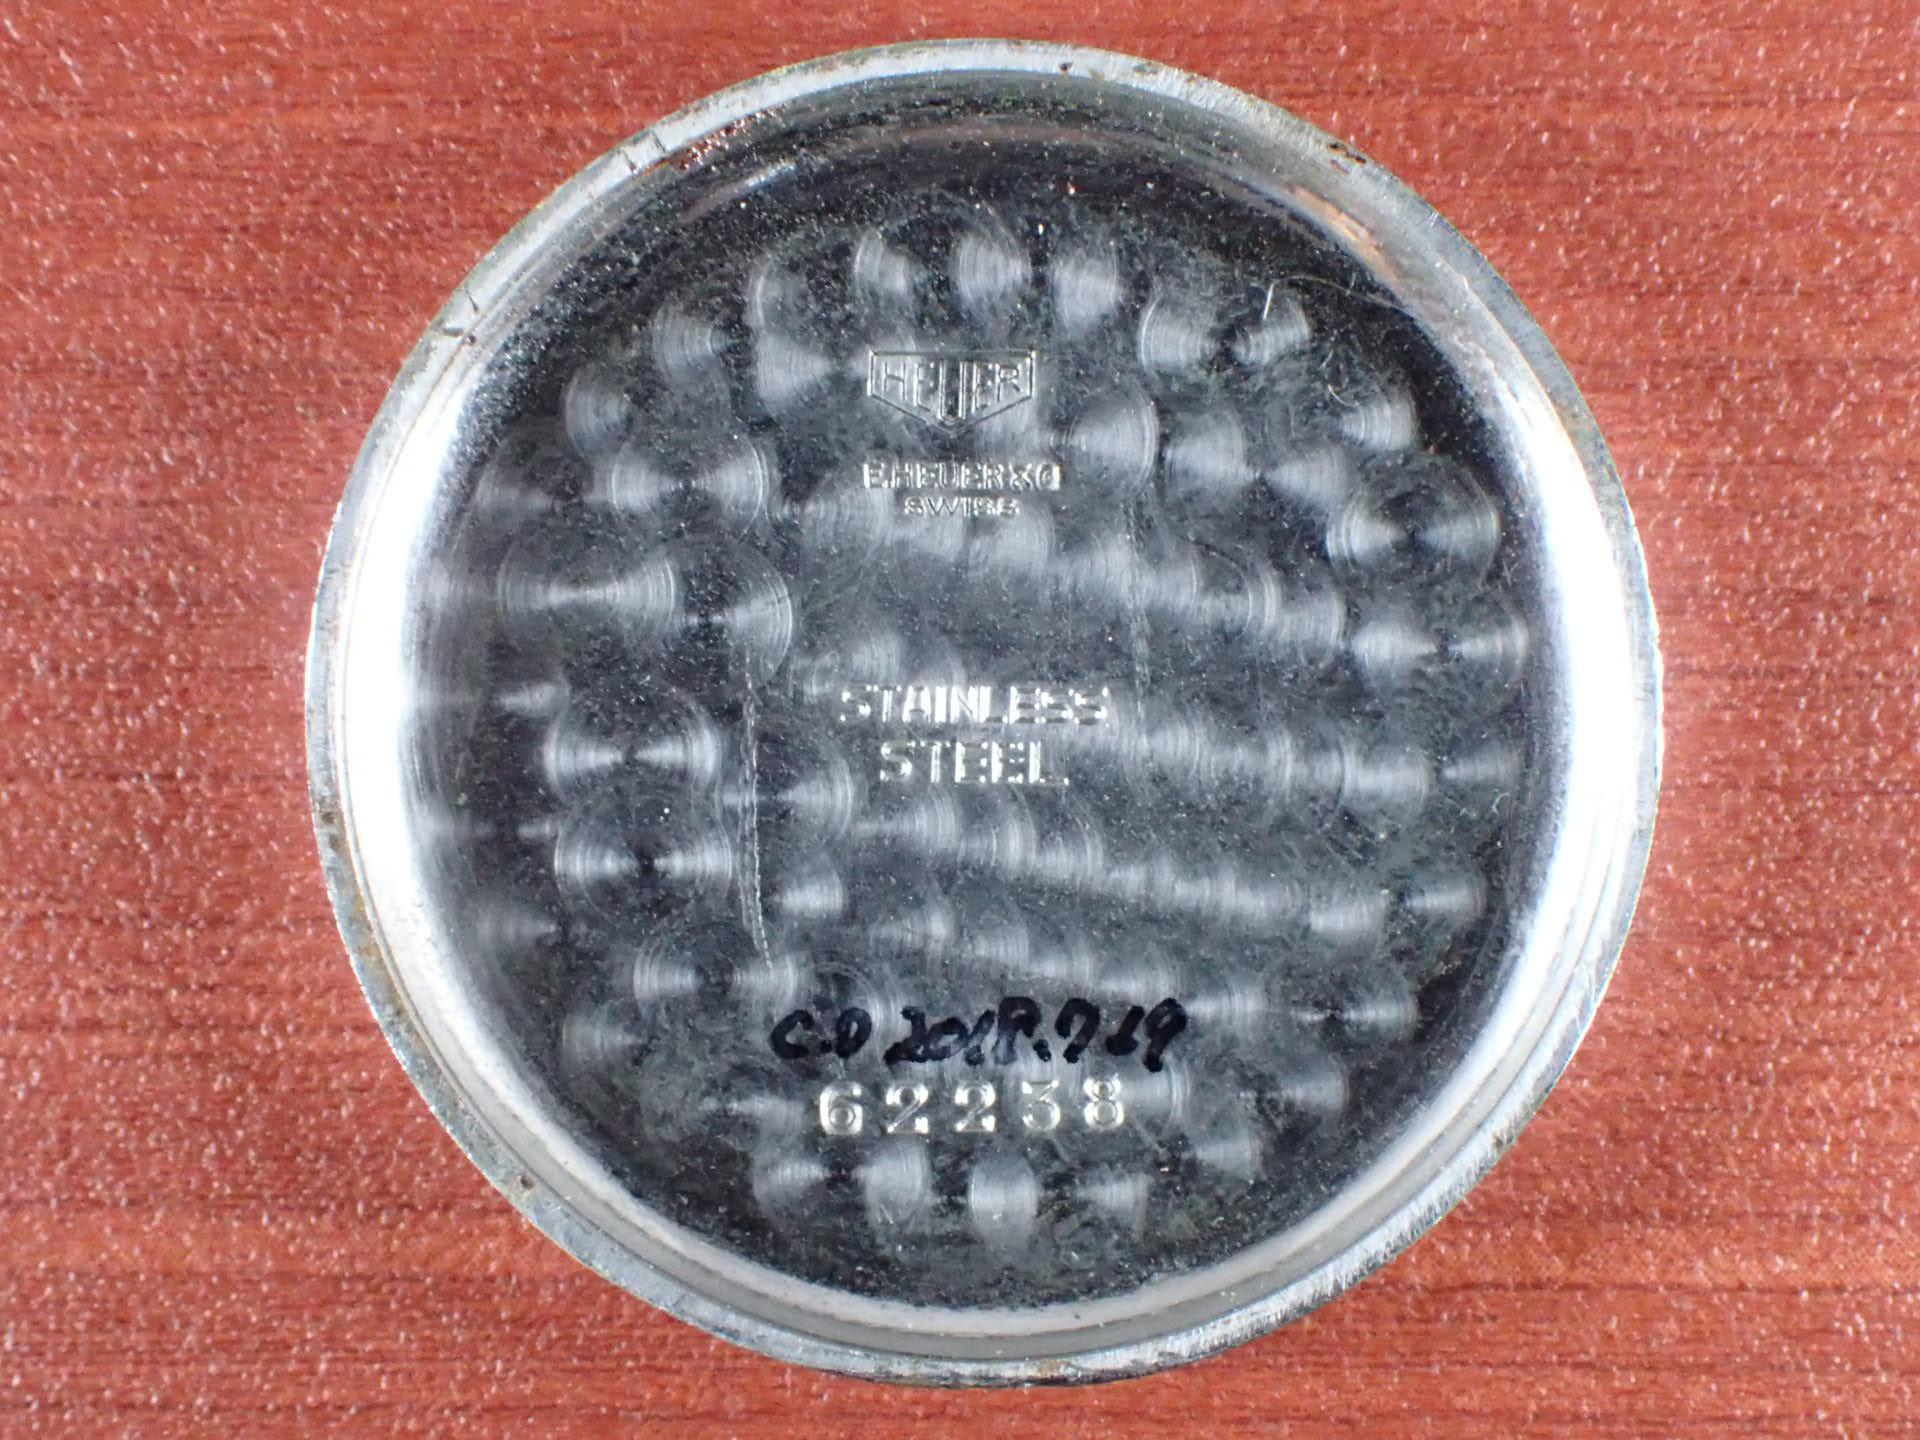 ホイヤー クロノグラフ Cal.バルジュー23 コパーダイアル 1940年代の写真6枚目